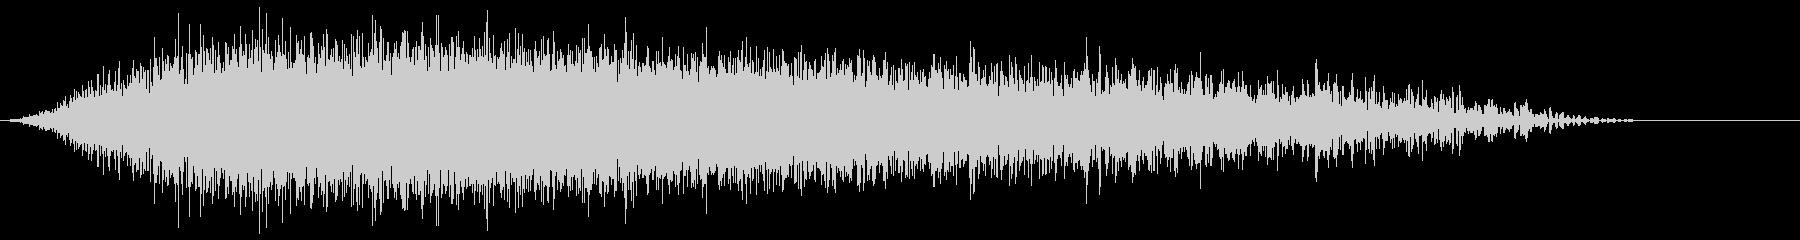 シューッという音EC07_72_2の未再生の波形